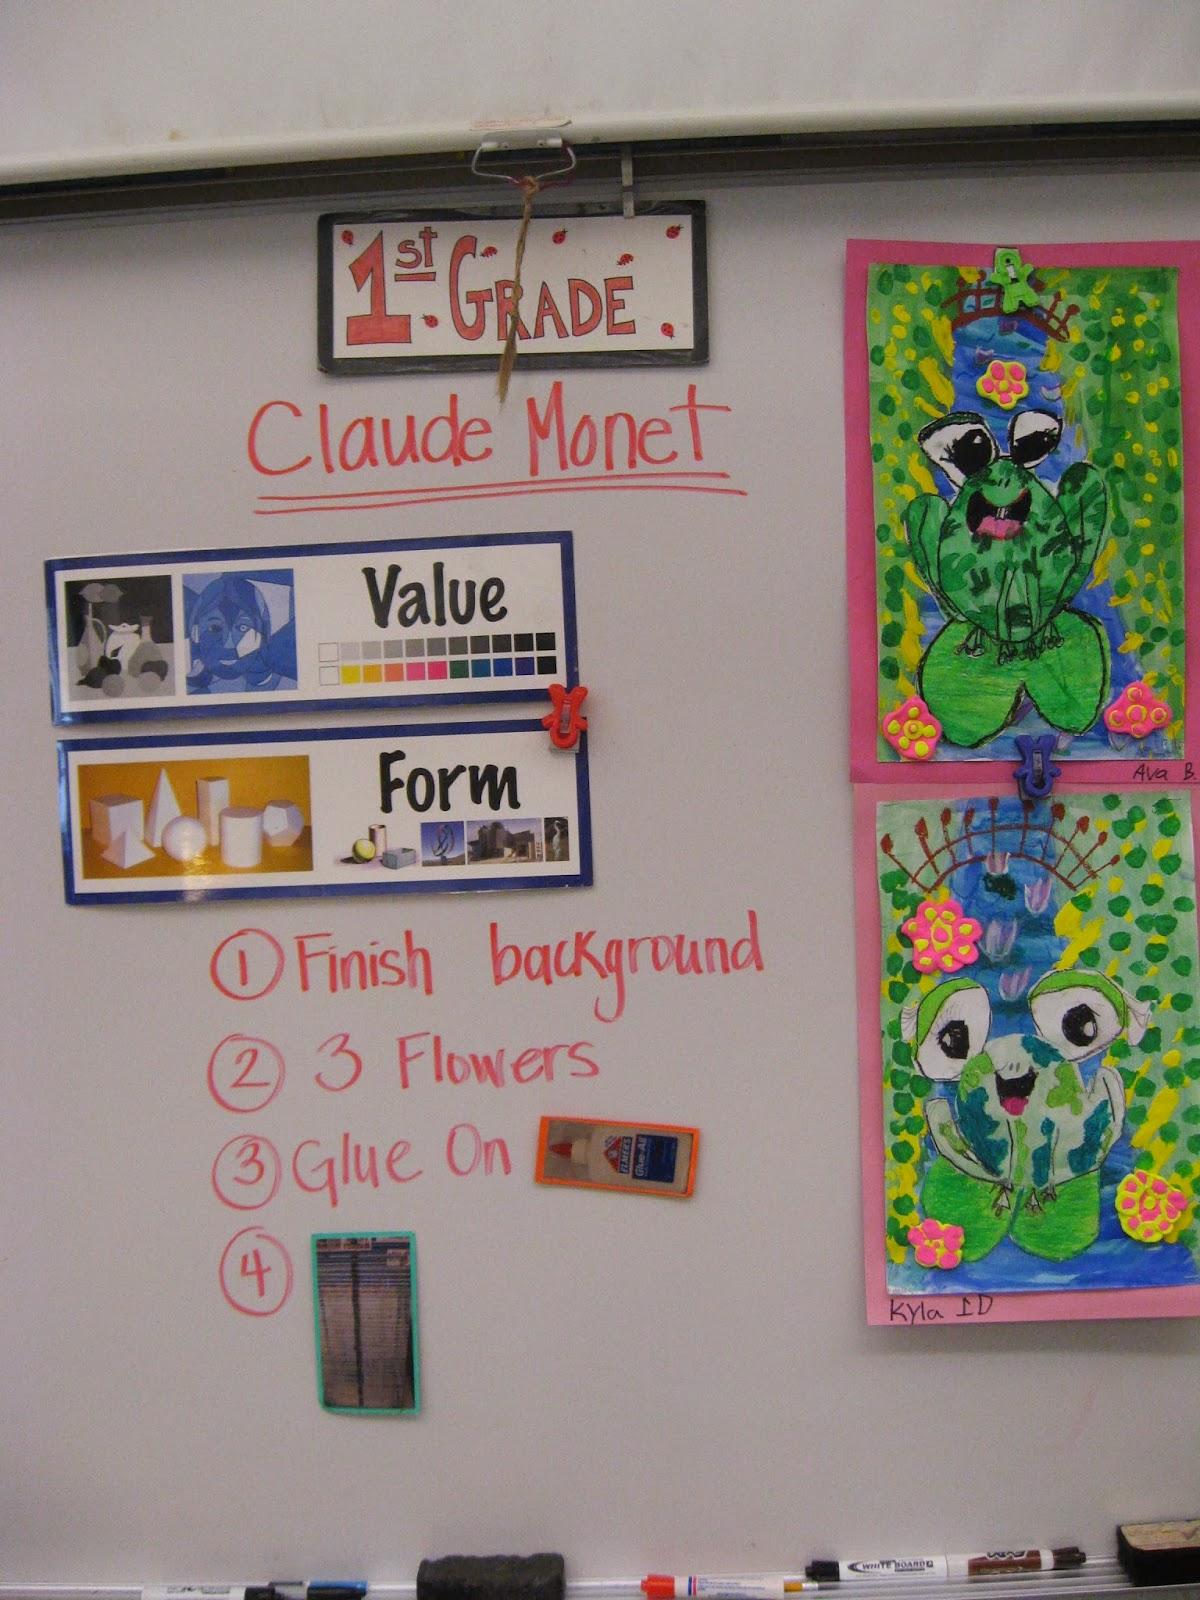 Jamestown Elementary Art Blog 1st Grade Claude Monet